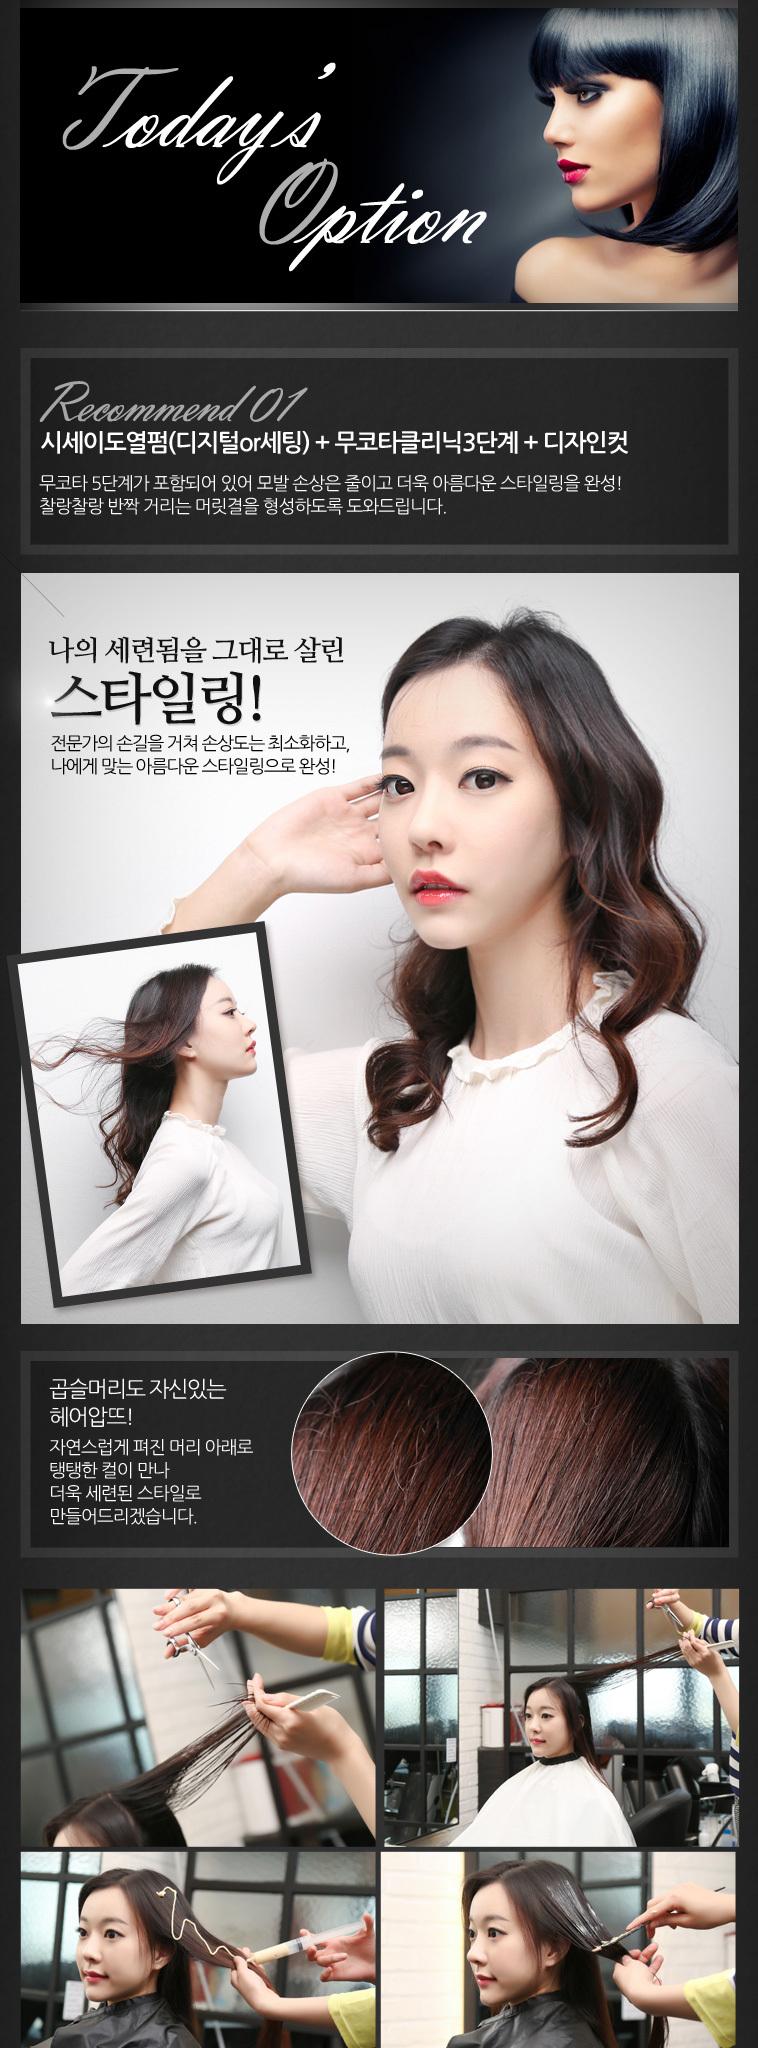 건대] 헤어압뜨 탄머리 전문가관리 - 특가대표! 위메프